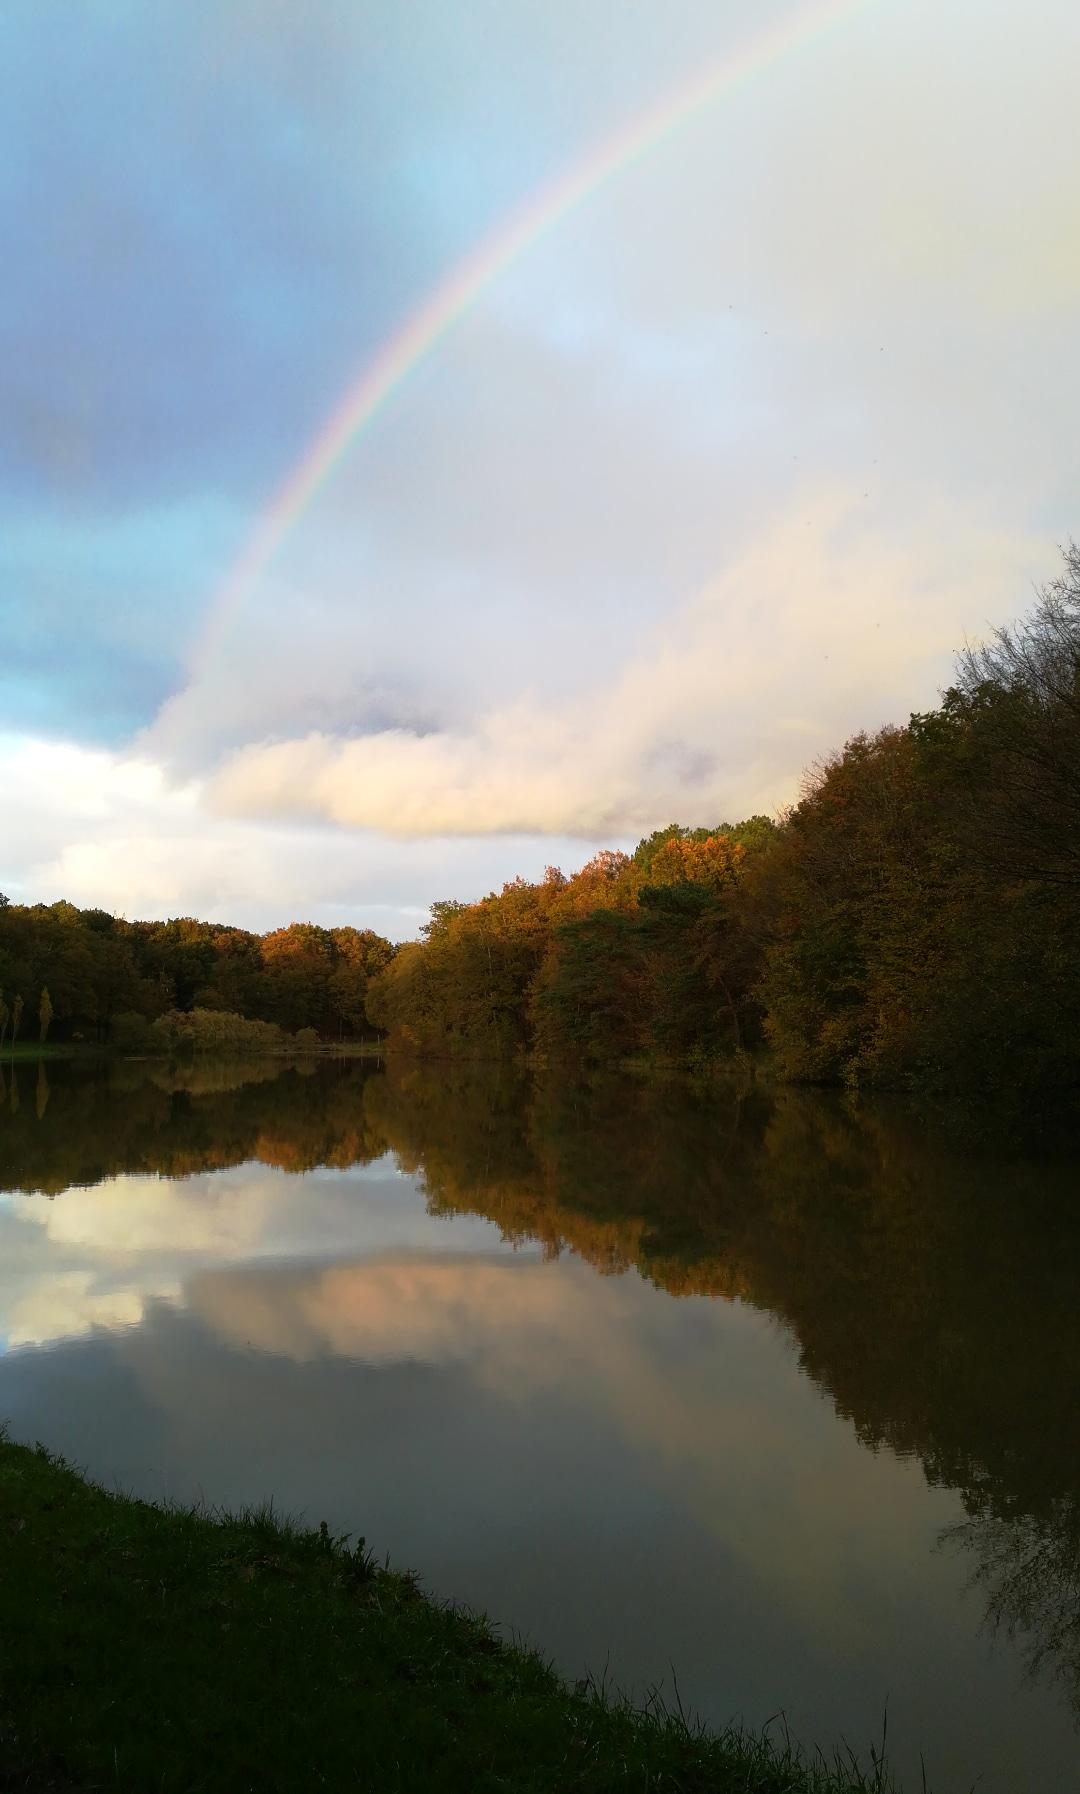 Magnifique arc en ciel au-dessus de l'étang et de la forêt